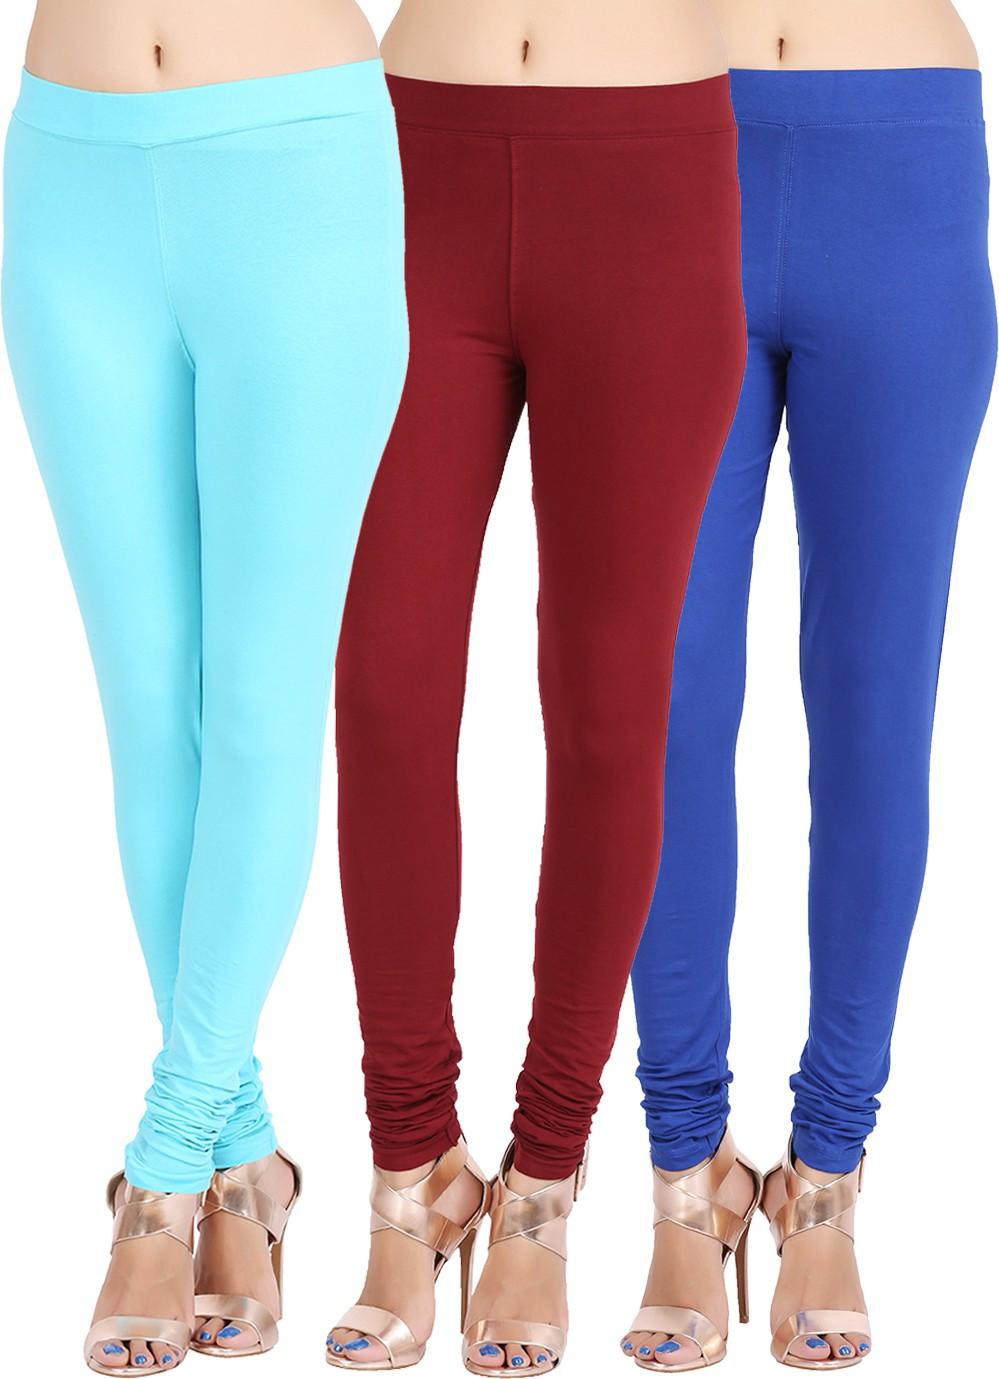 Lula Ms Womens Light Blue, Black, Dark Blue Leggings(Pack of 3)